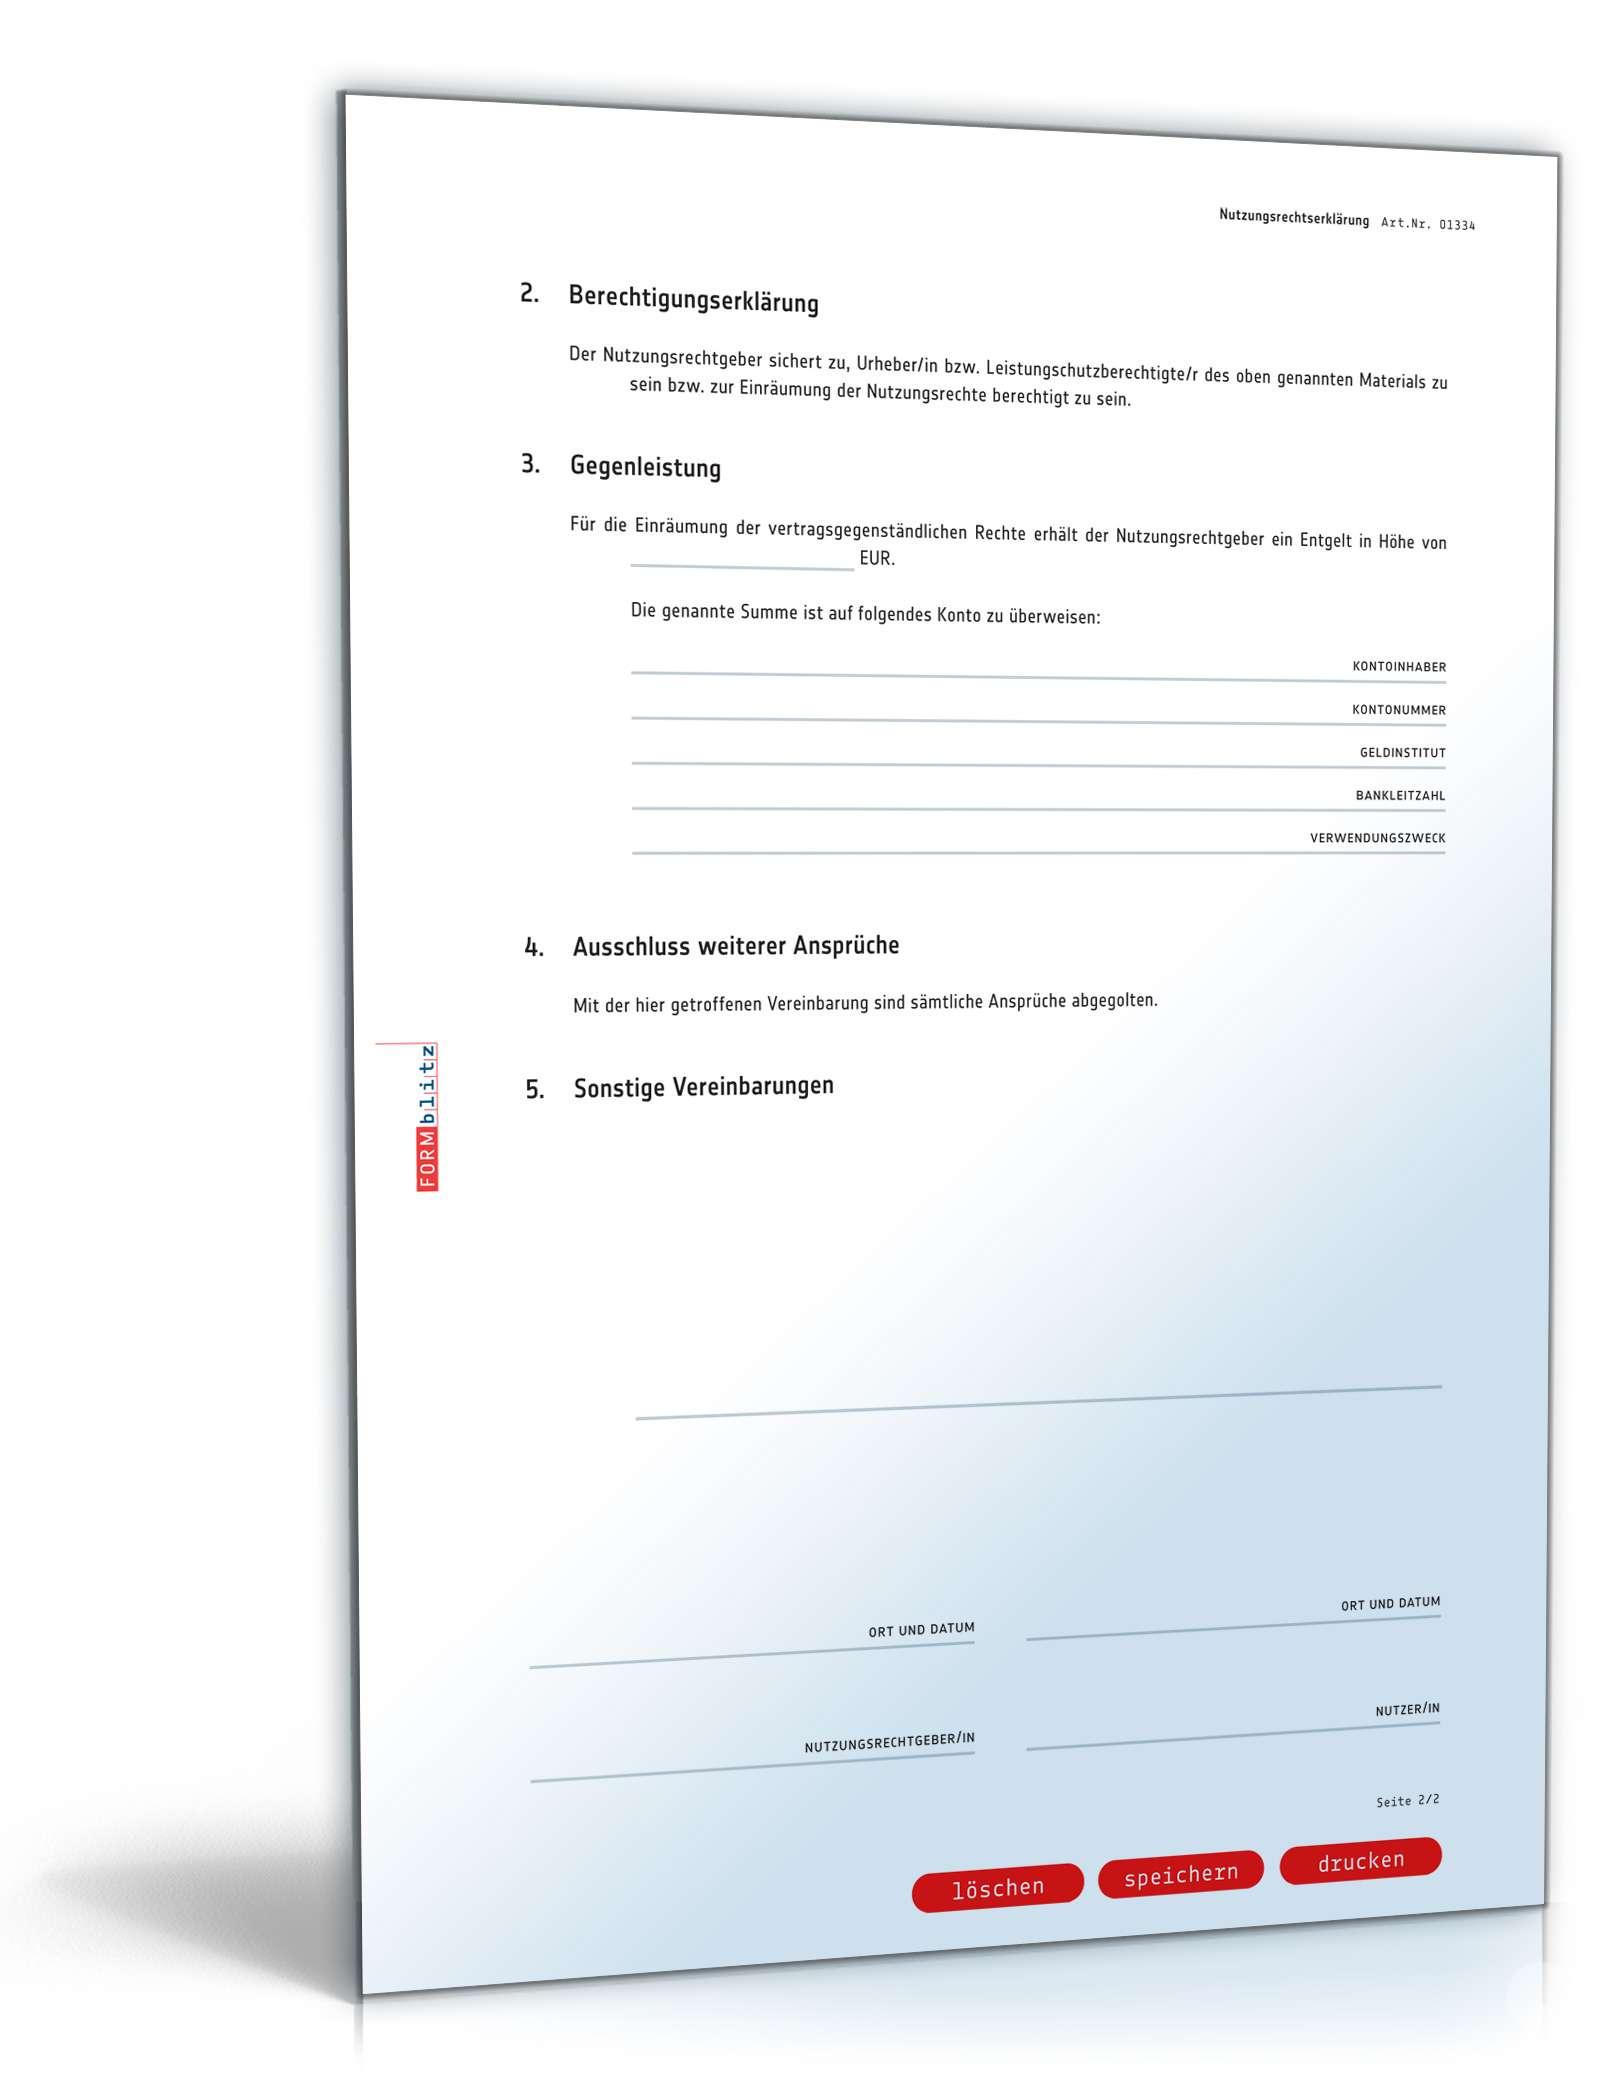 Berühmt Buchreportvorlage Kostenlos Bilder - Entry Level Resume ...